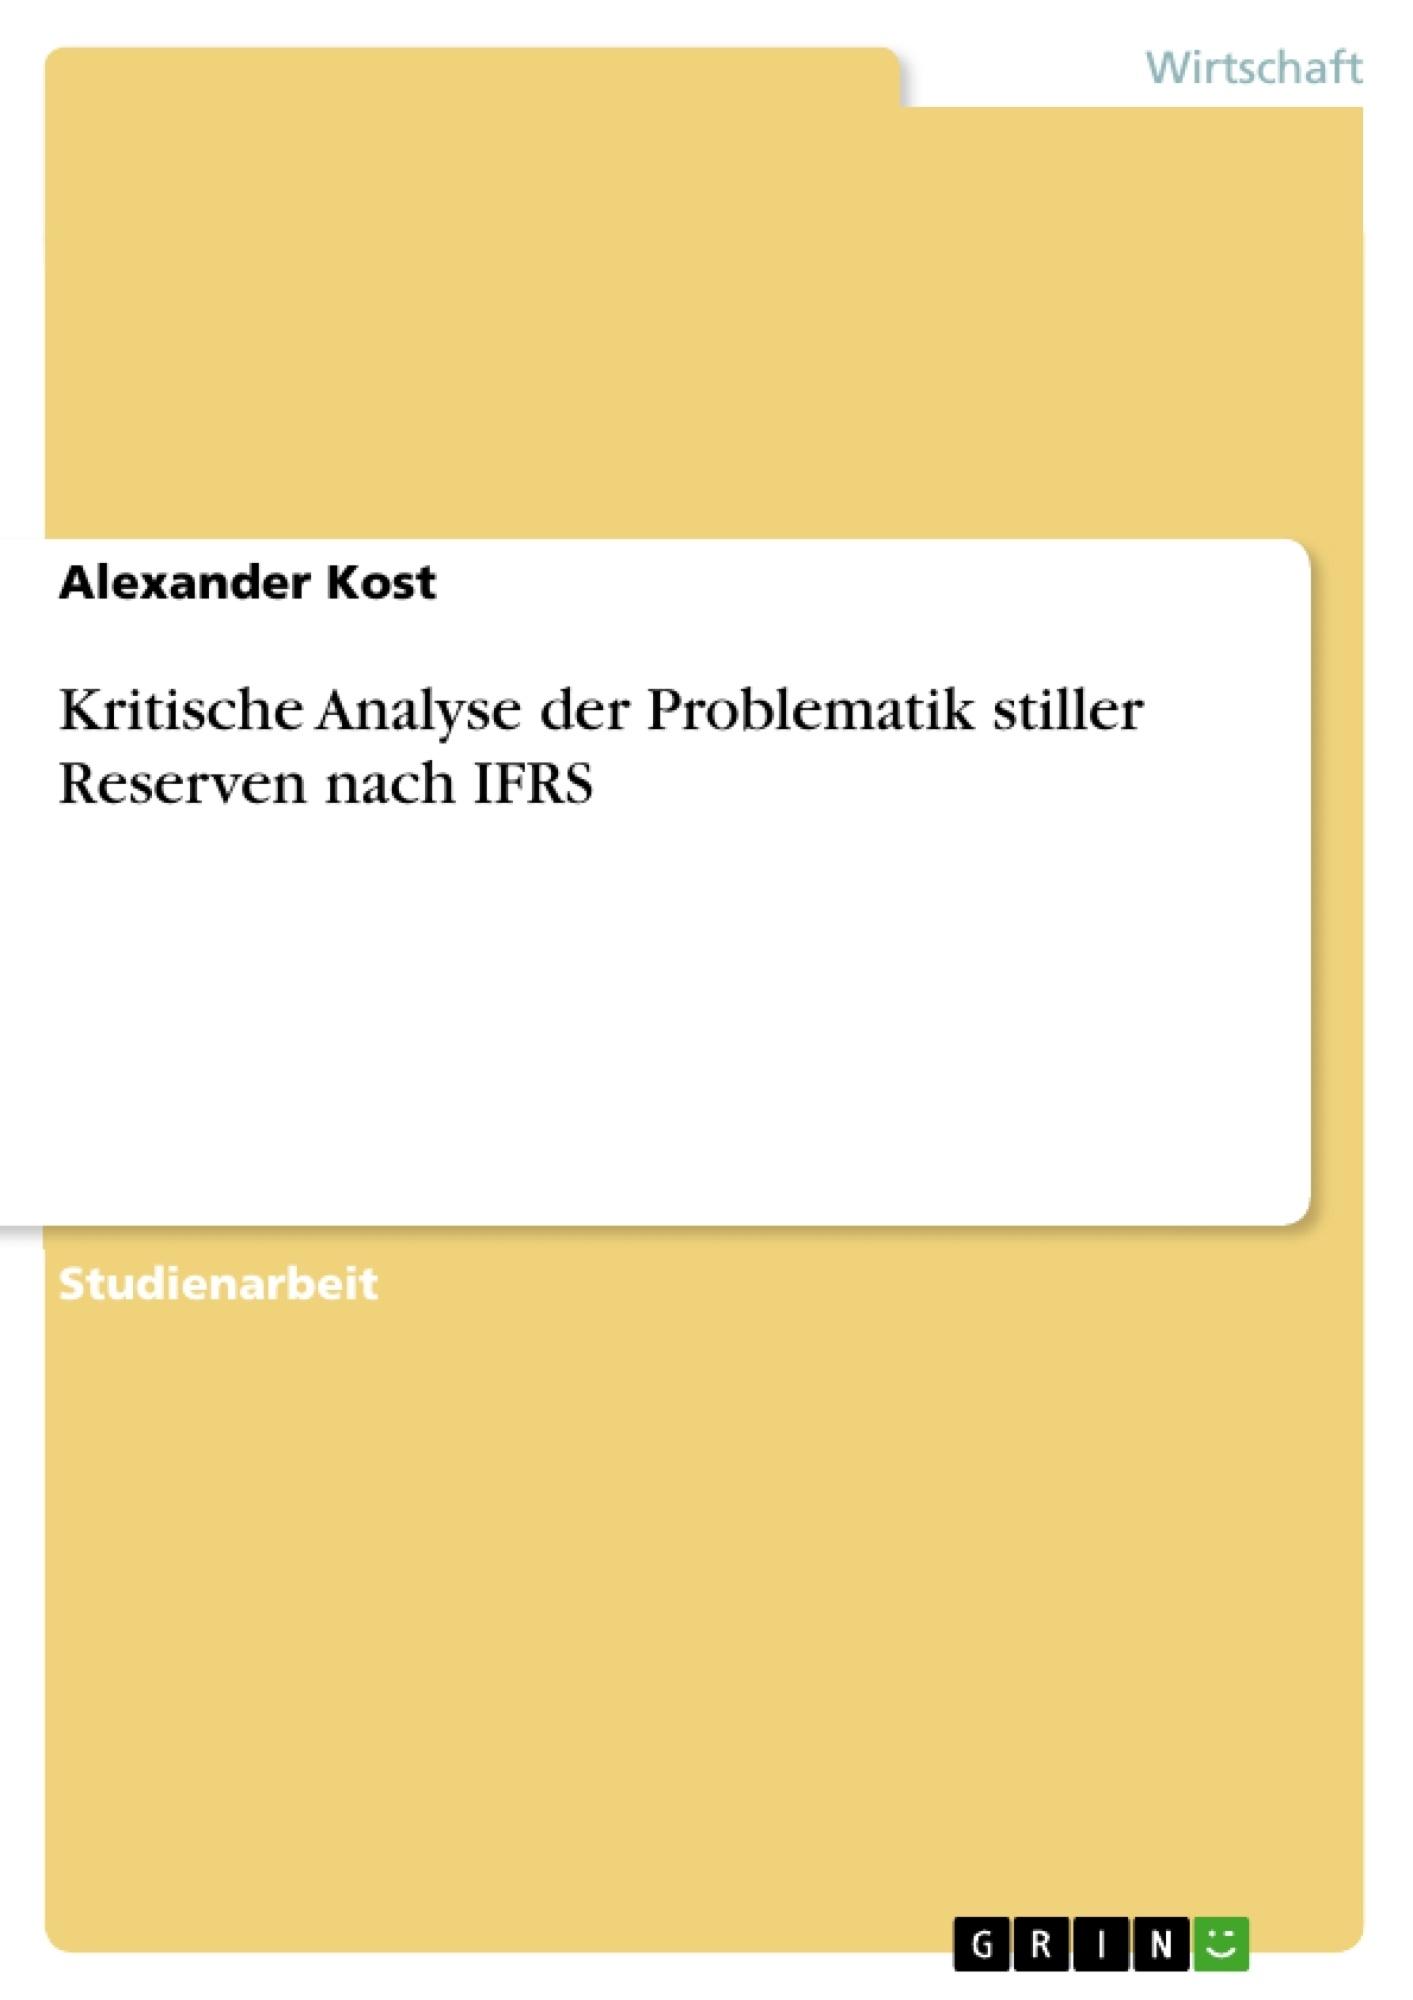 Titel: Kritische Analyse der Problematik stiller Reserven nach IFRS